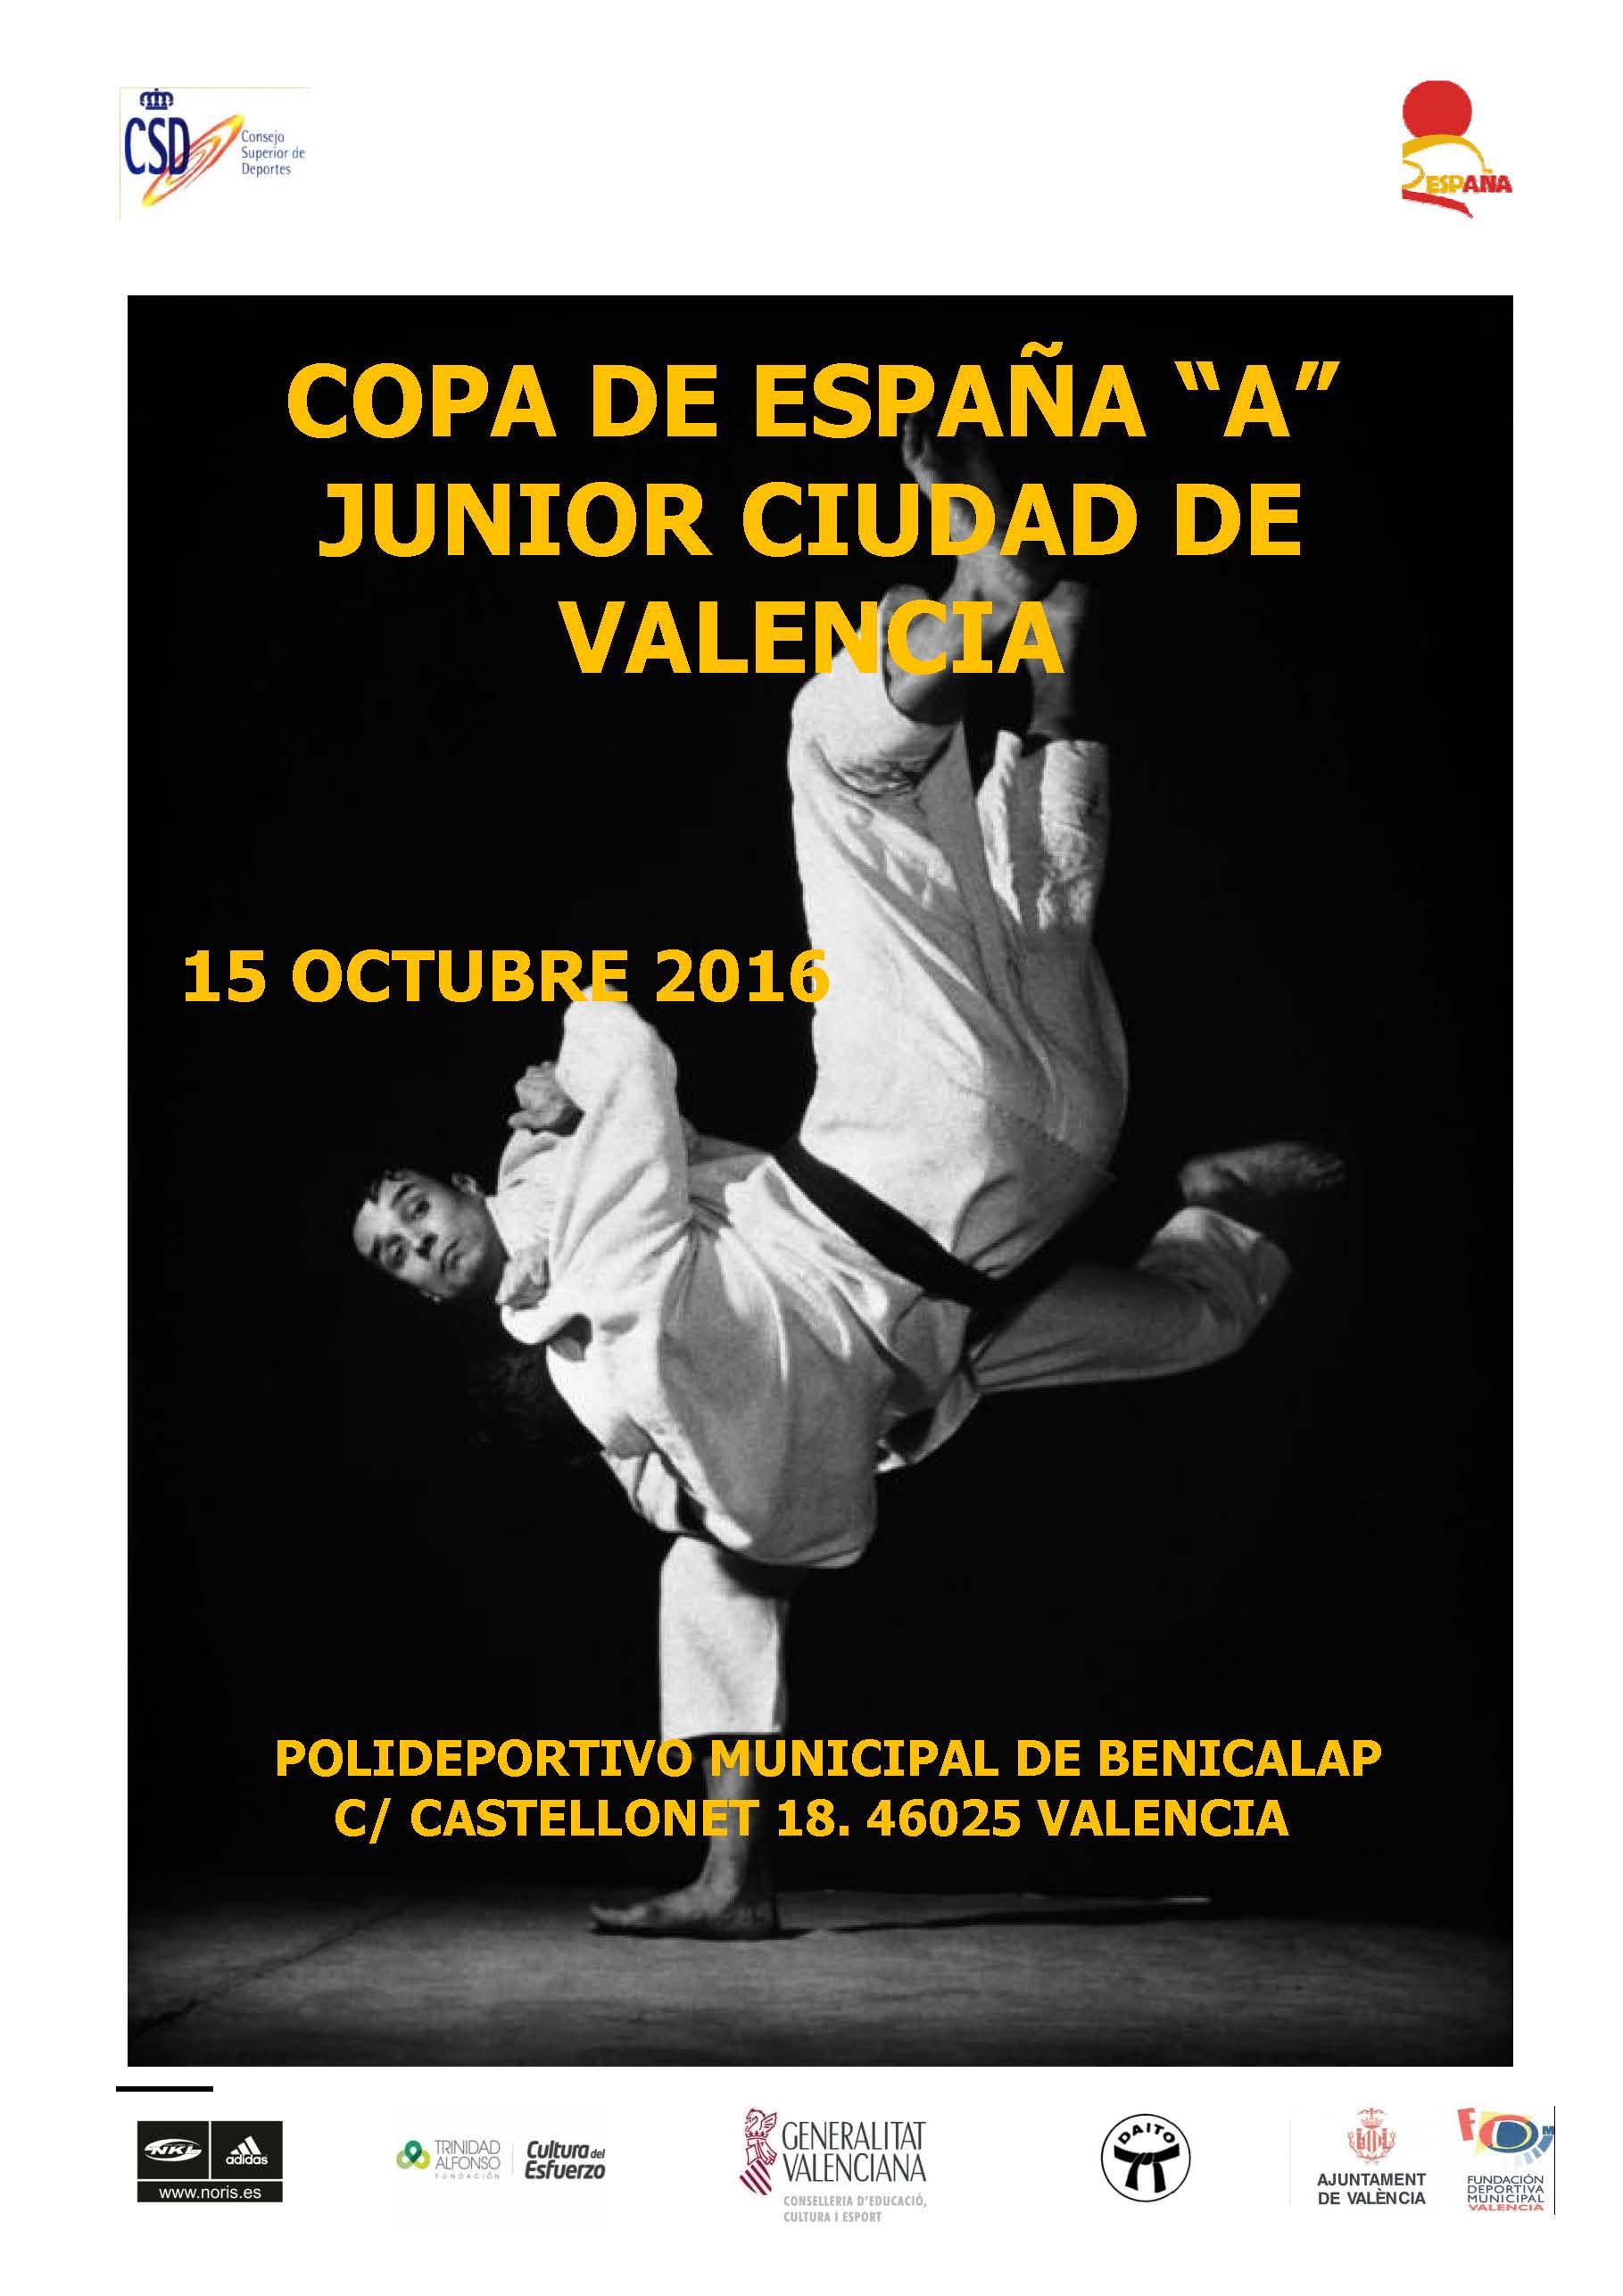 CIRCULAR COPA DE ESPAÑA JUNIOR A 2016